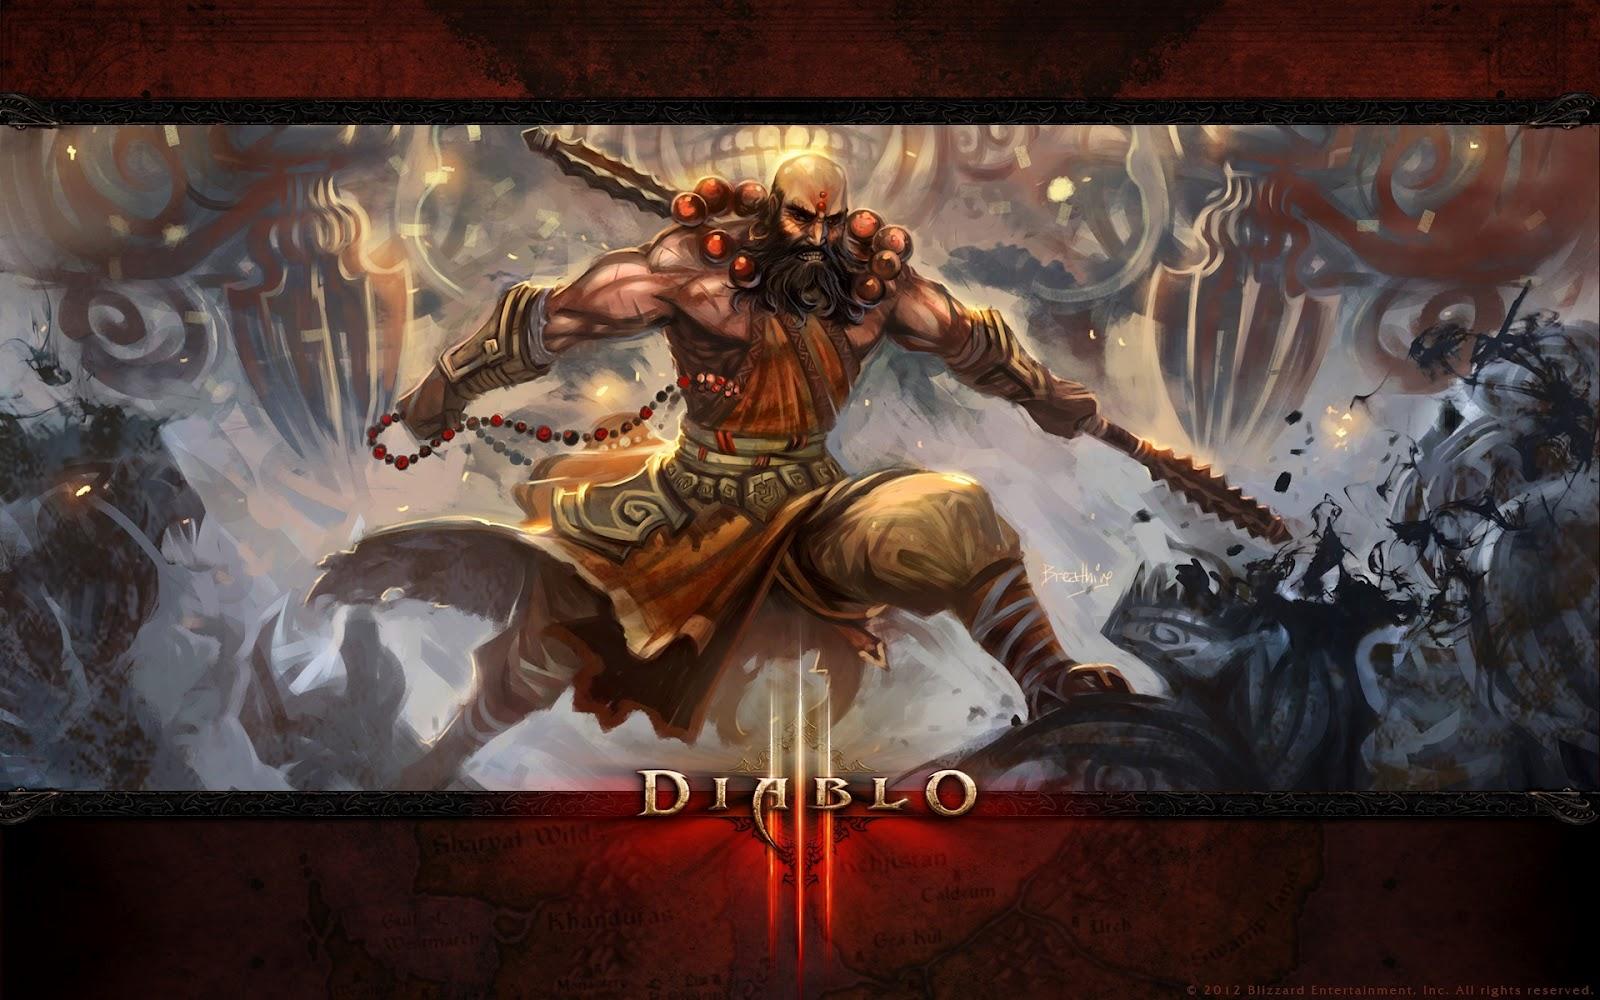 http://3.bp.blogspot.com/-DhYMKjBvF8g/T7El2FZgCmI/AAAAAAAAAUk/hT7Prz6ODyM/s1600/Diablo-3-Monk-Wallpaper.jpg